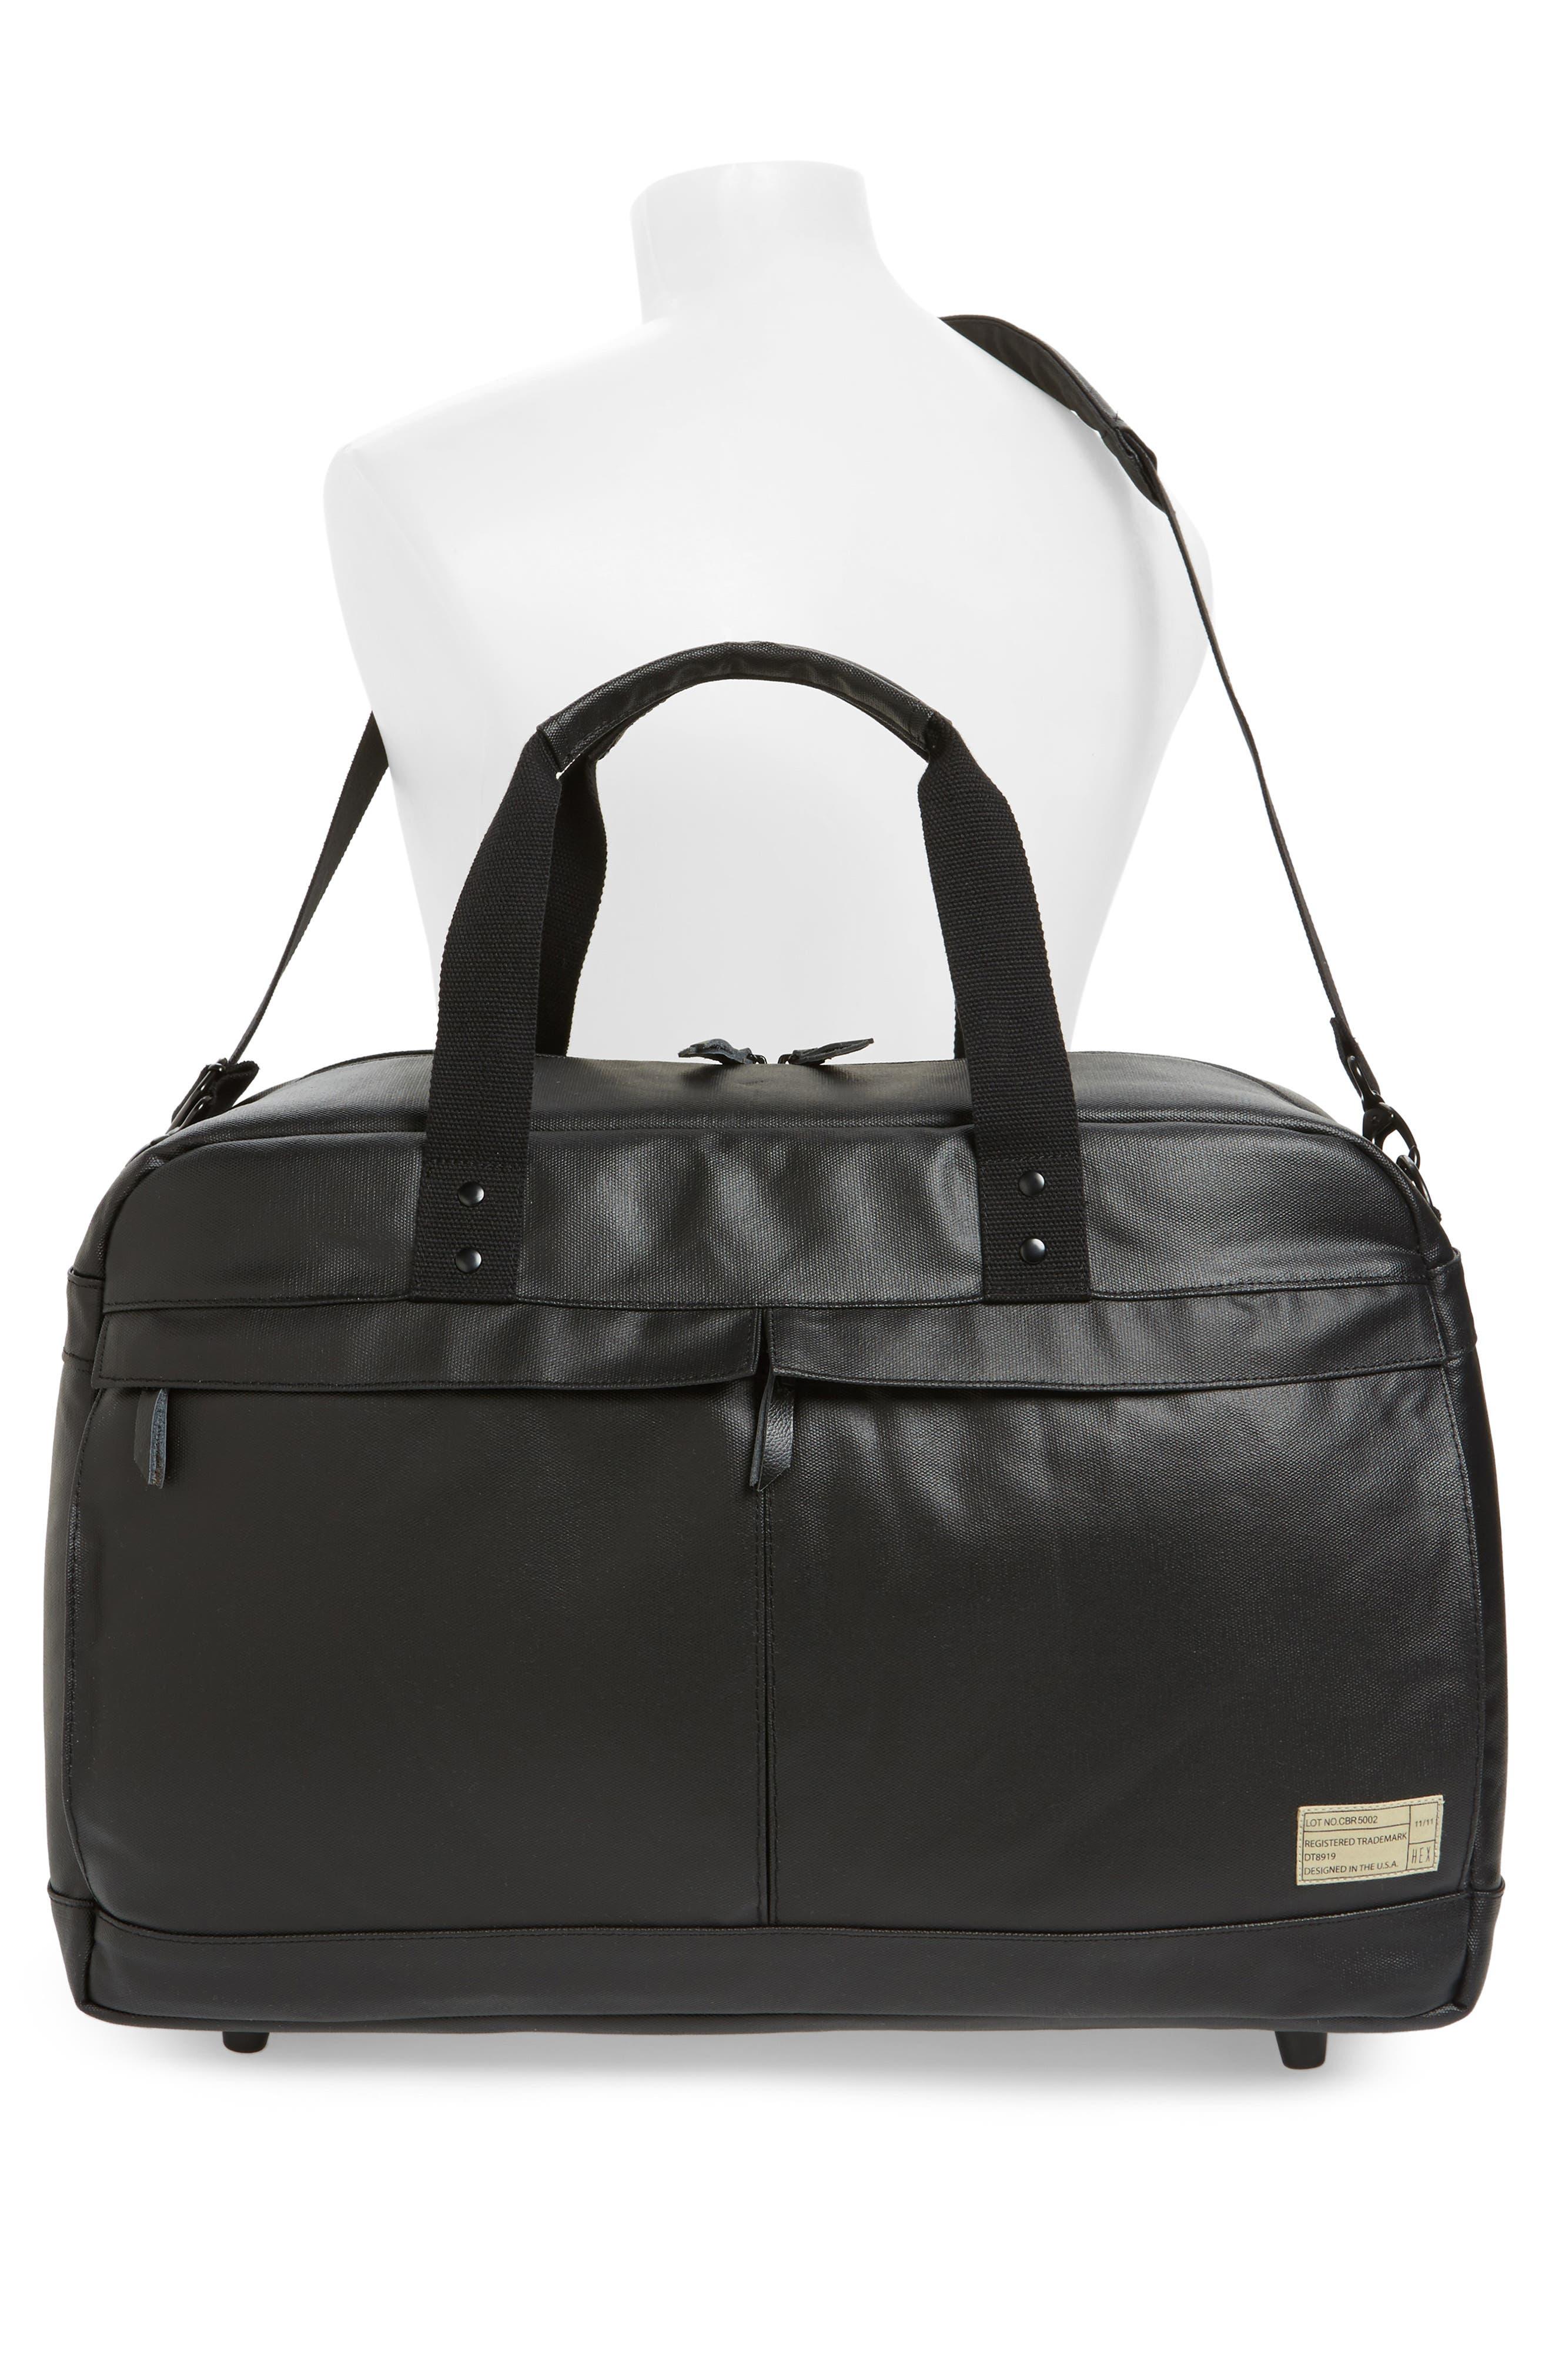 Calibre Duffel Bag,                             Alternate thumbnail 2, color,                             001